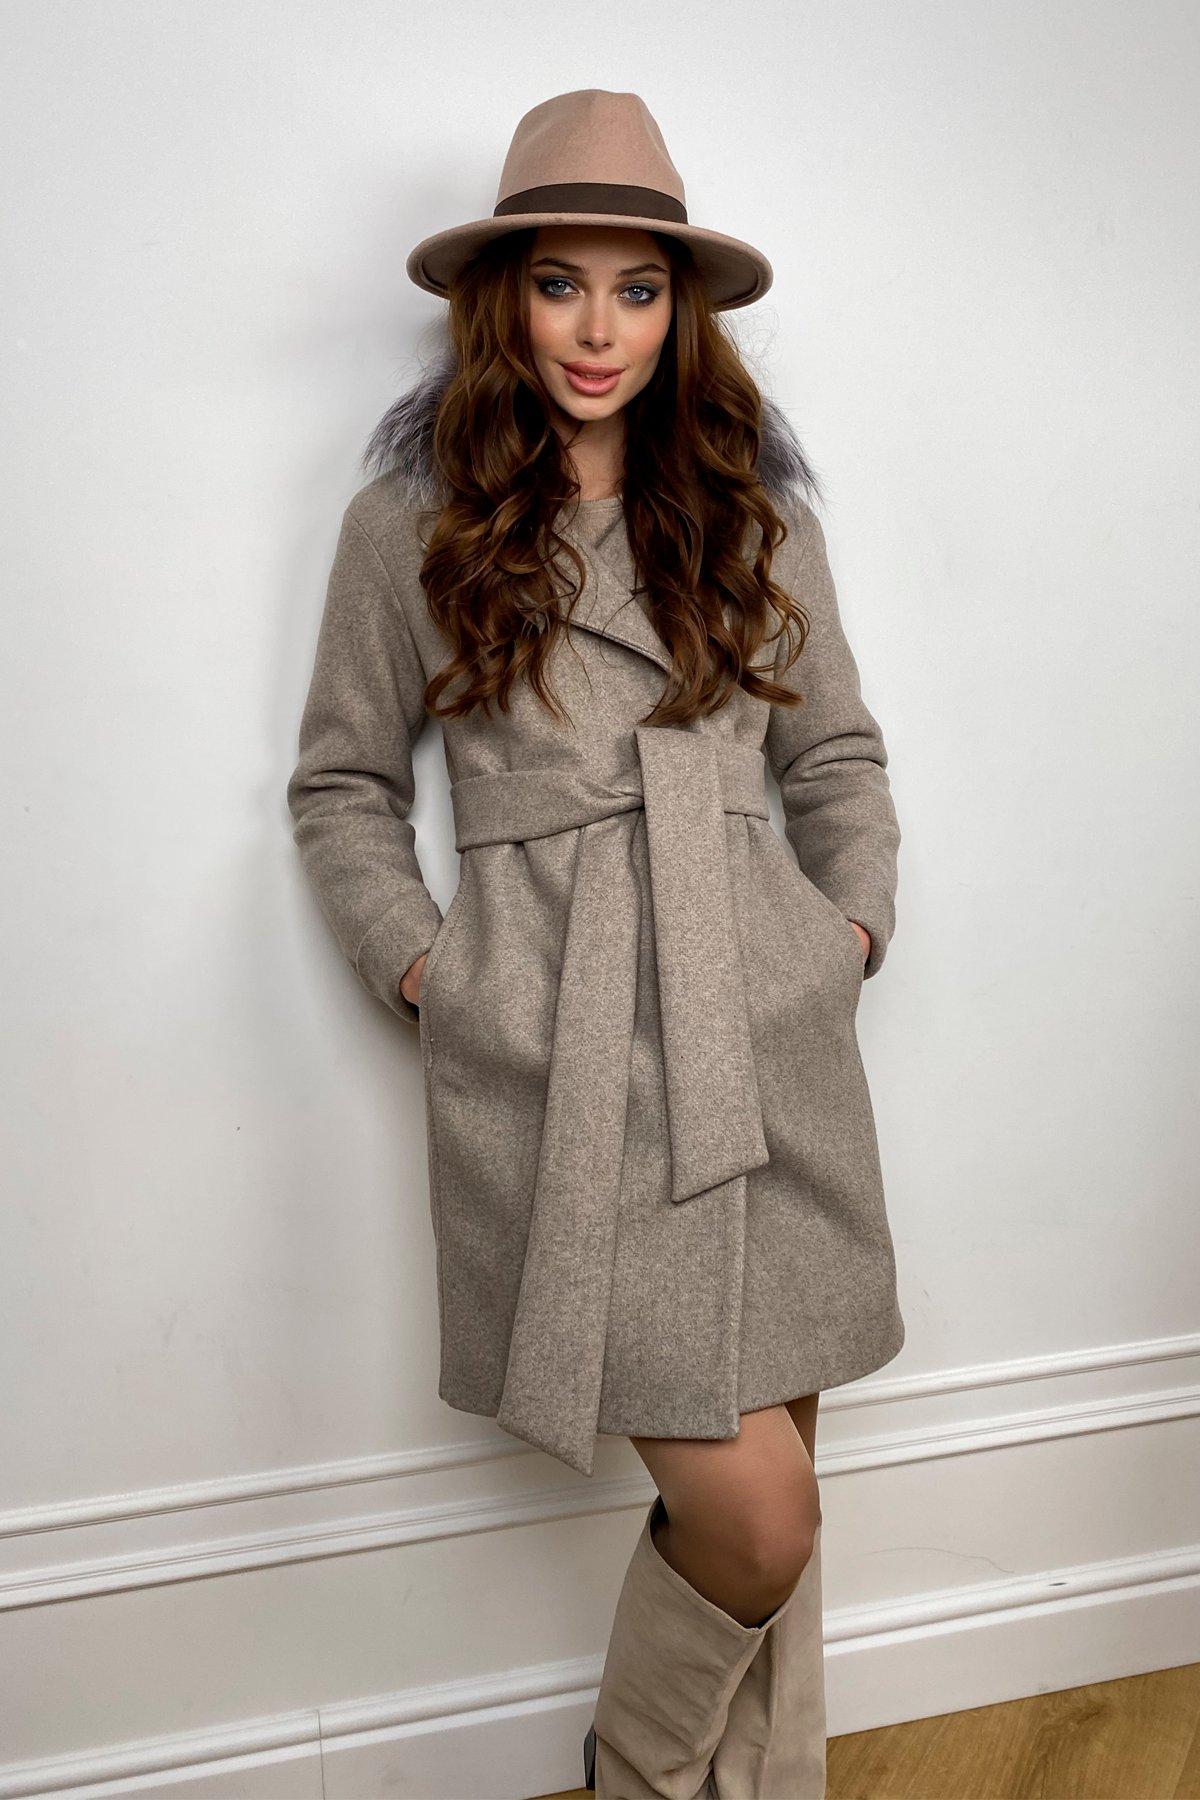 Пальто зима Приора 5668 АРТ. 37883 Цвет: Бежевый 10 - фото 6, интернет магазин tm-modus.ru